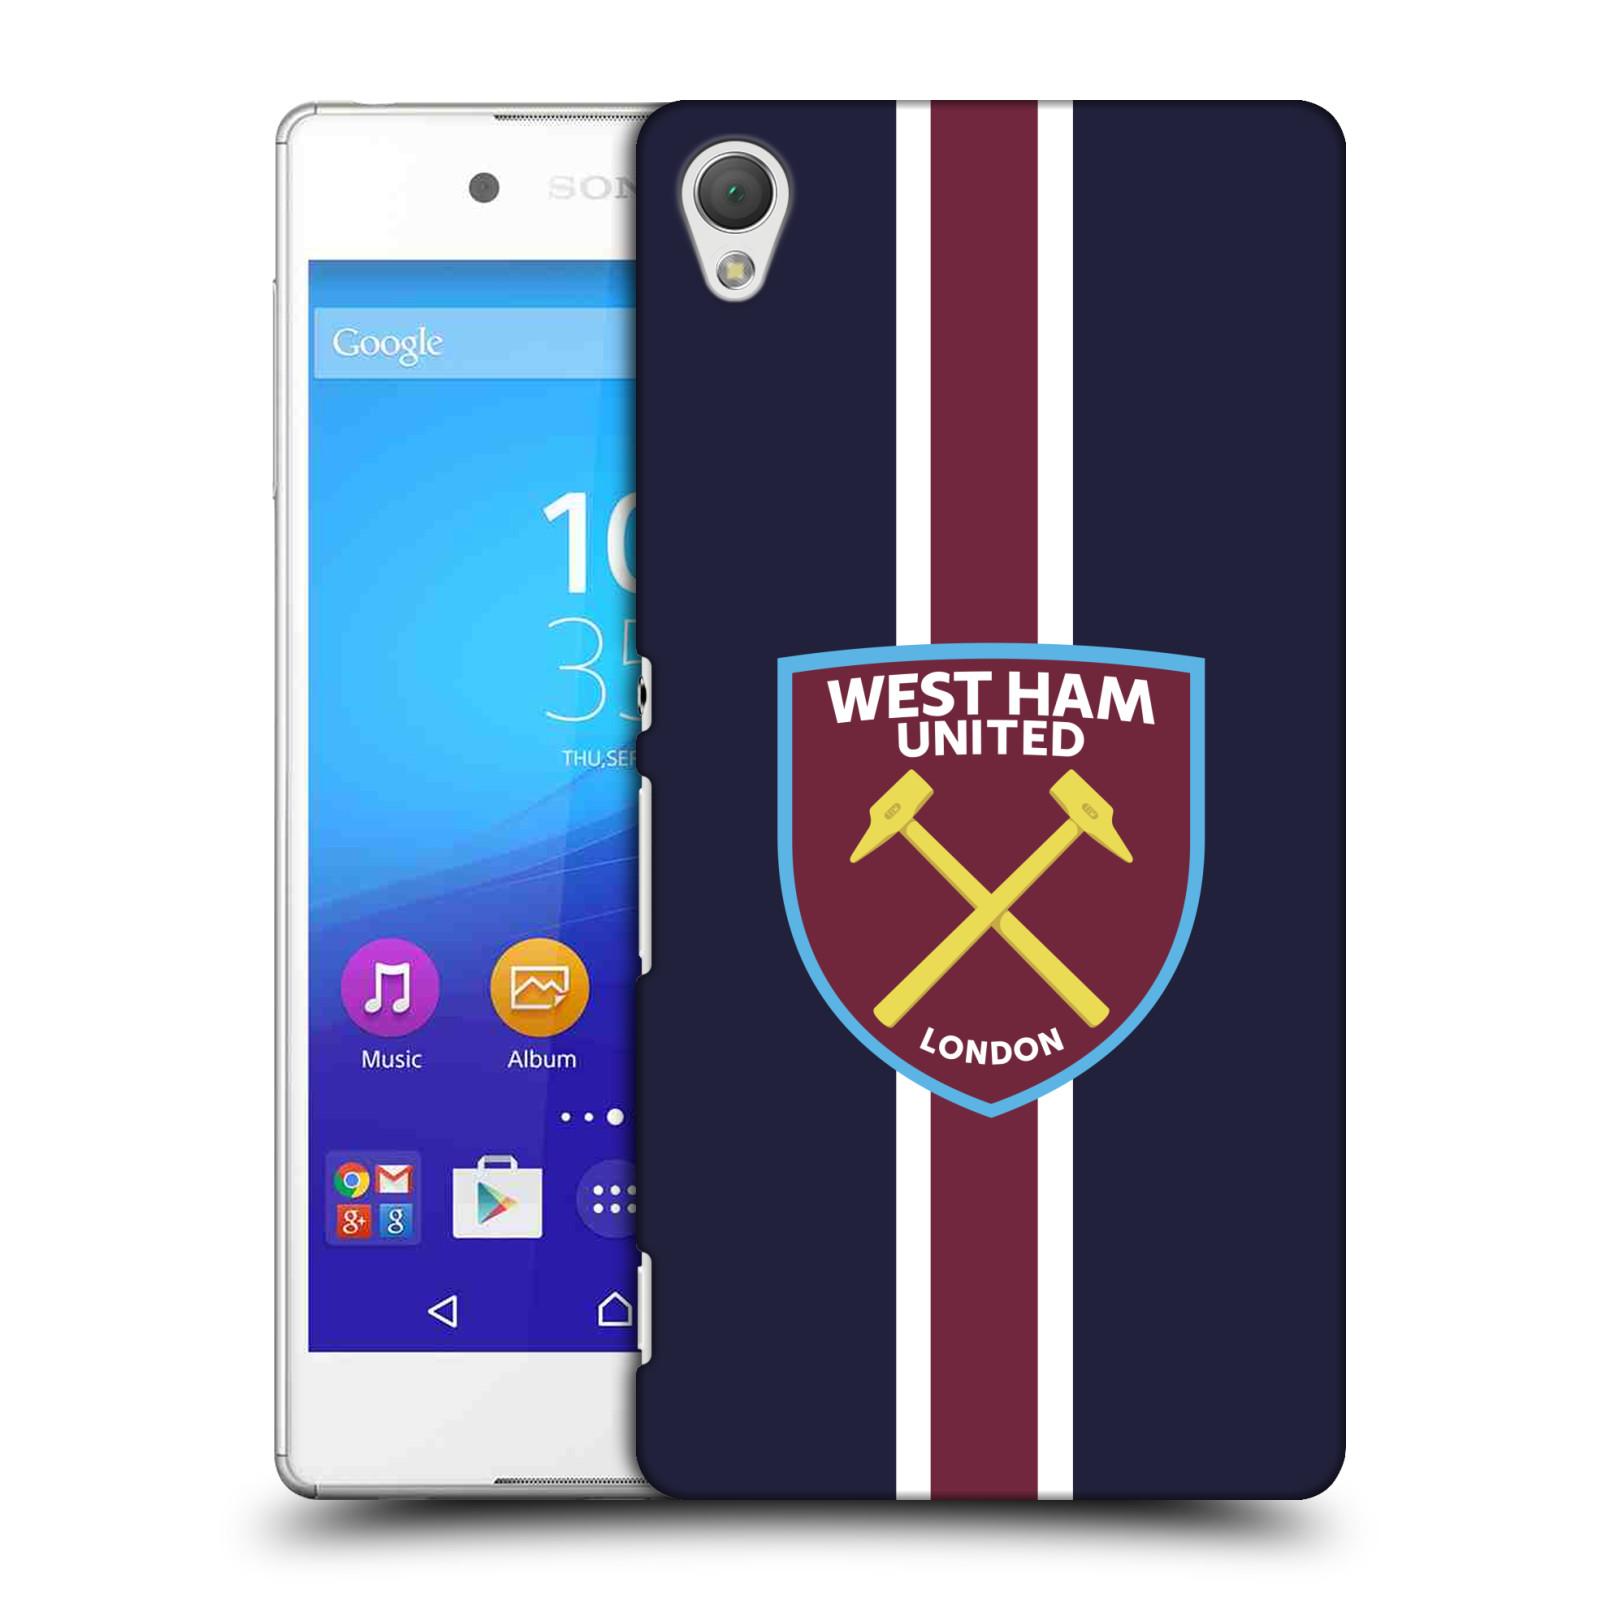 Plastové pouzdro na mobil Sony Xperia Z3+ (Plus) - Head Case - West Ham United - Pruhy (Plastový kryt či obal na mobilní telefon s motivem West Ham United - Kladiváři - Pruhy pro Sony Xperia Z3+ a Sony Xperia Z4 )